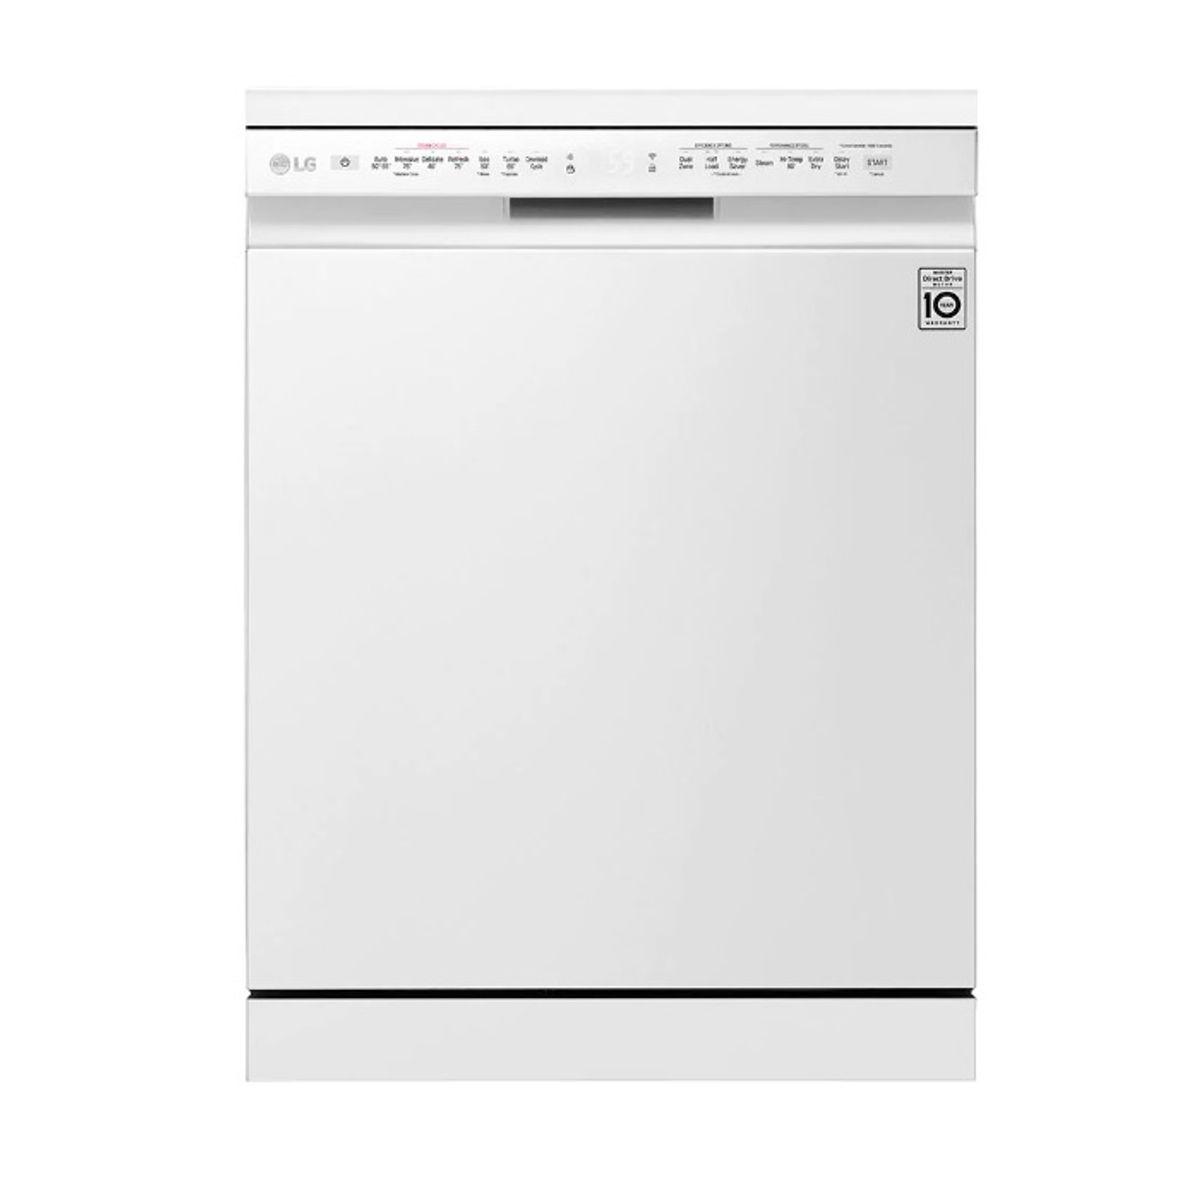 LG DFB424FW Dishwasher